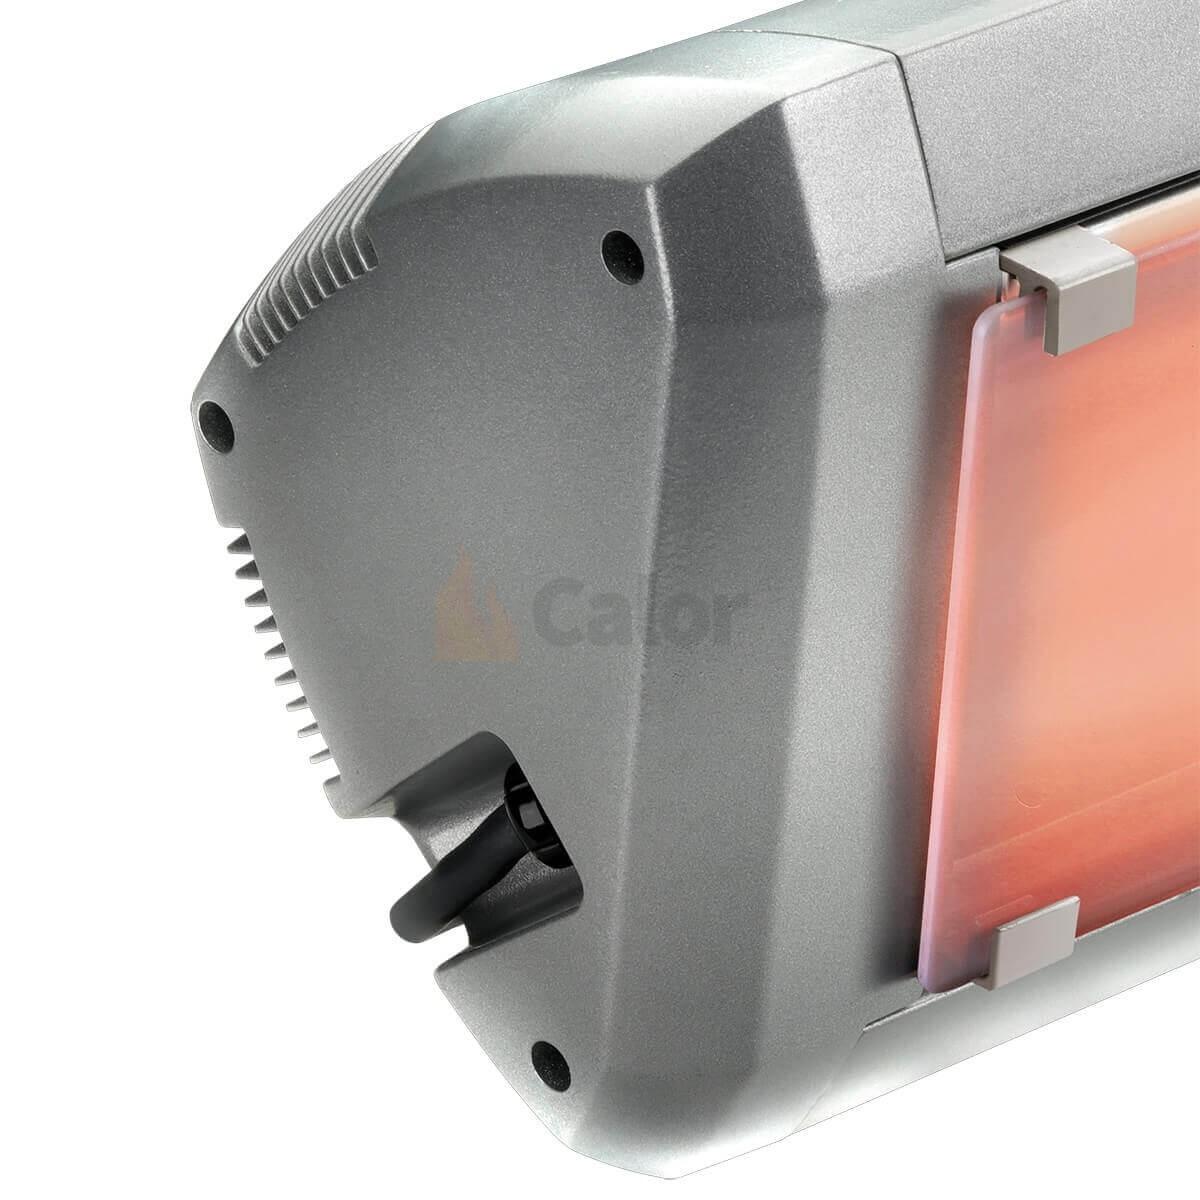 Heliosa 9.1 Terrasheater IPX5 2000W